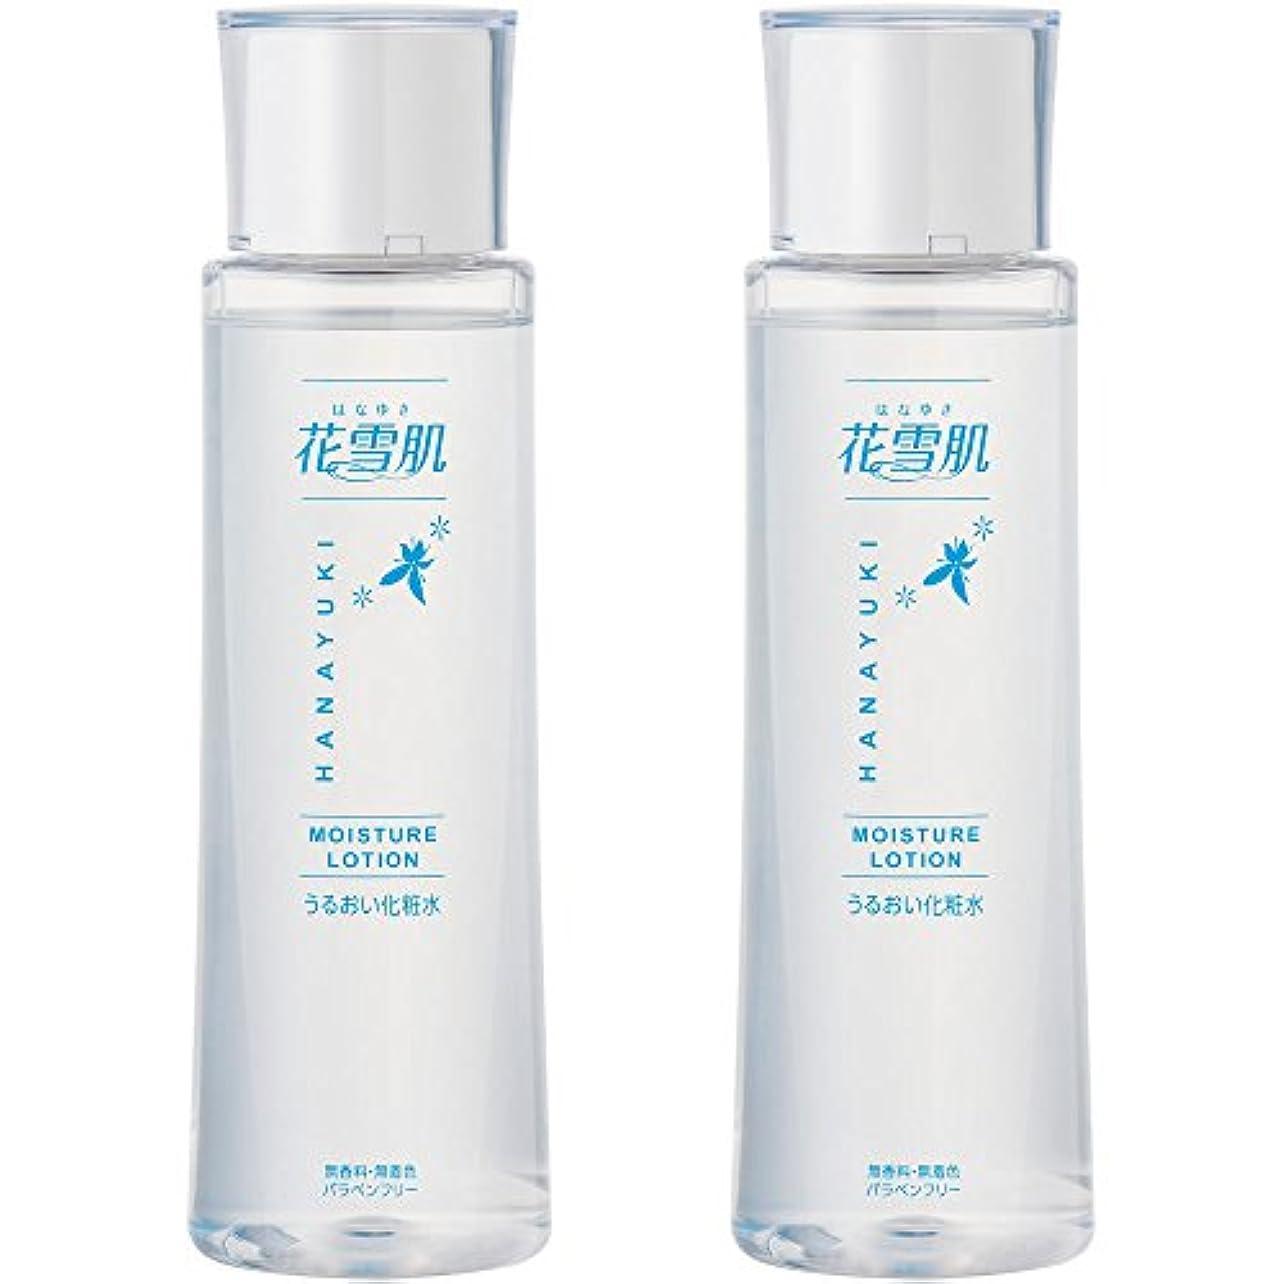 主婦レキシコン悔い改め花雪肌 うるおい化粧水 (200ml × 2本セット) [10種類の美容液成分を配合] ヒアルロン酸 コラーゲン